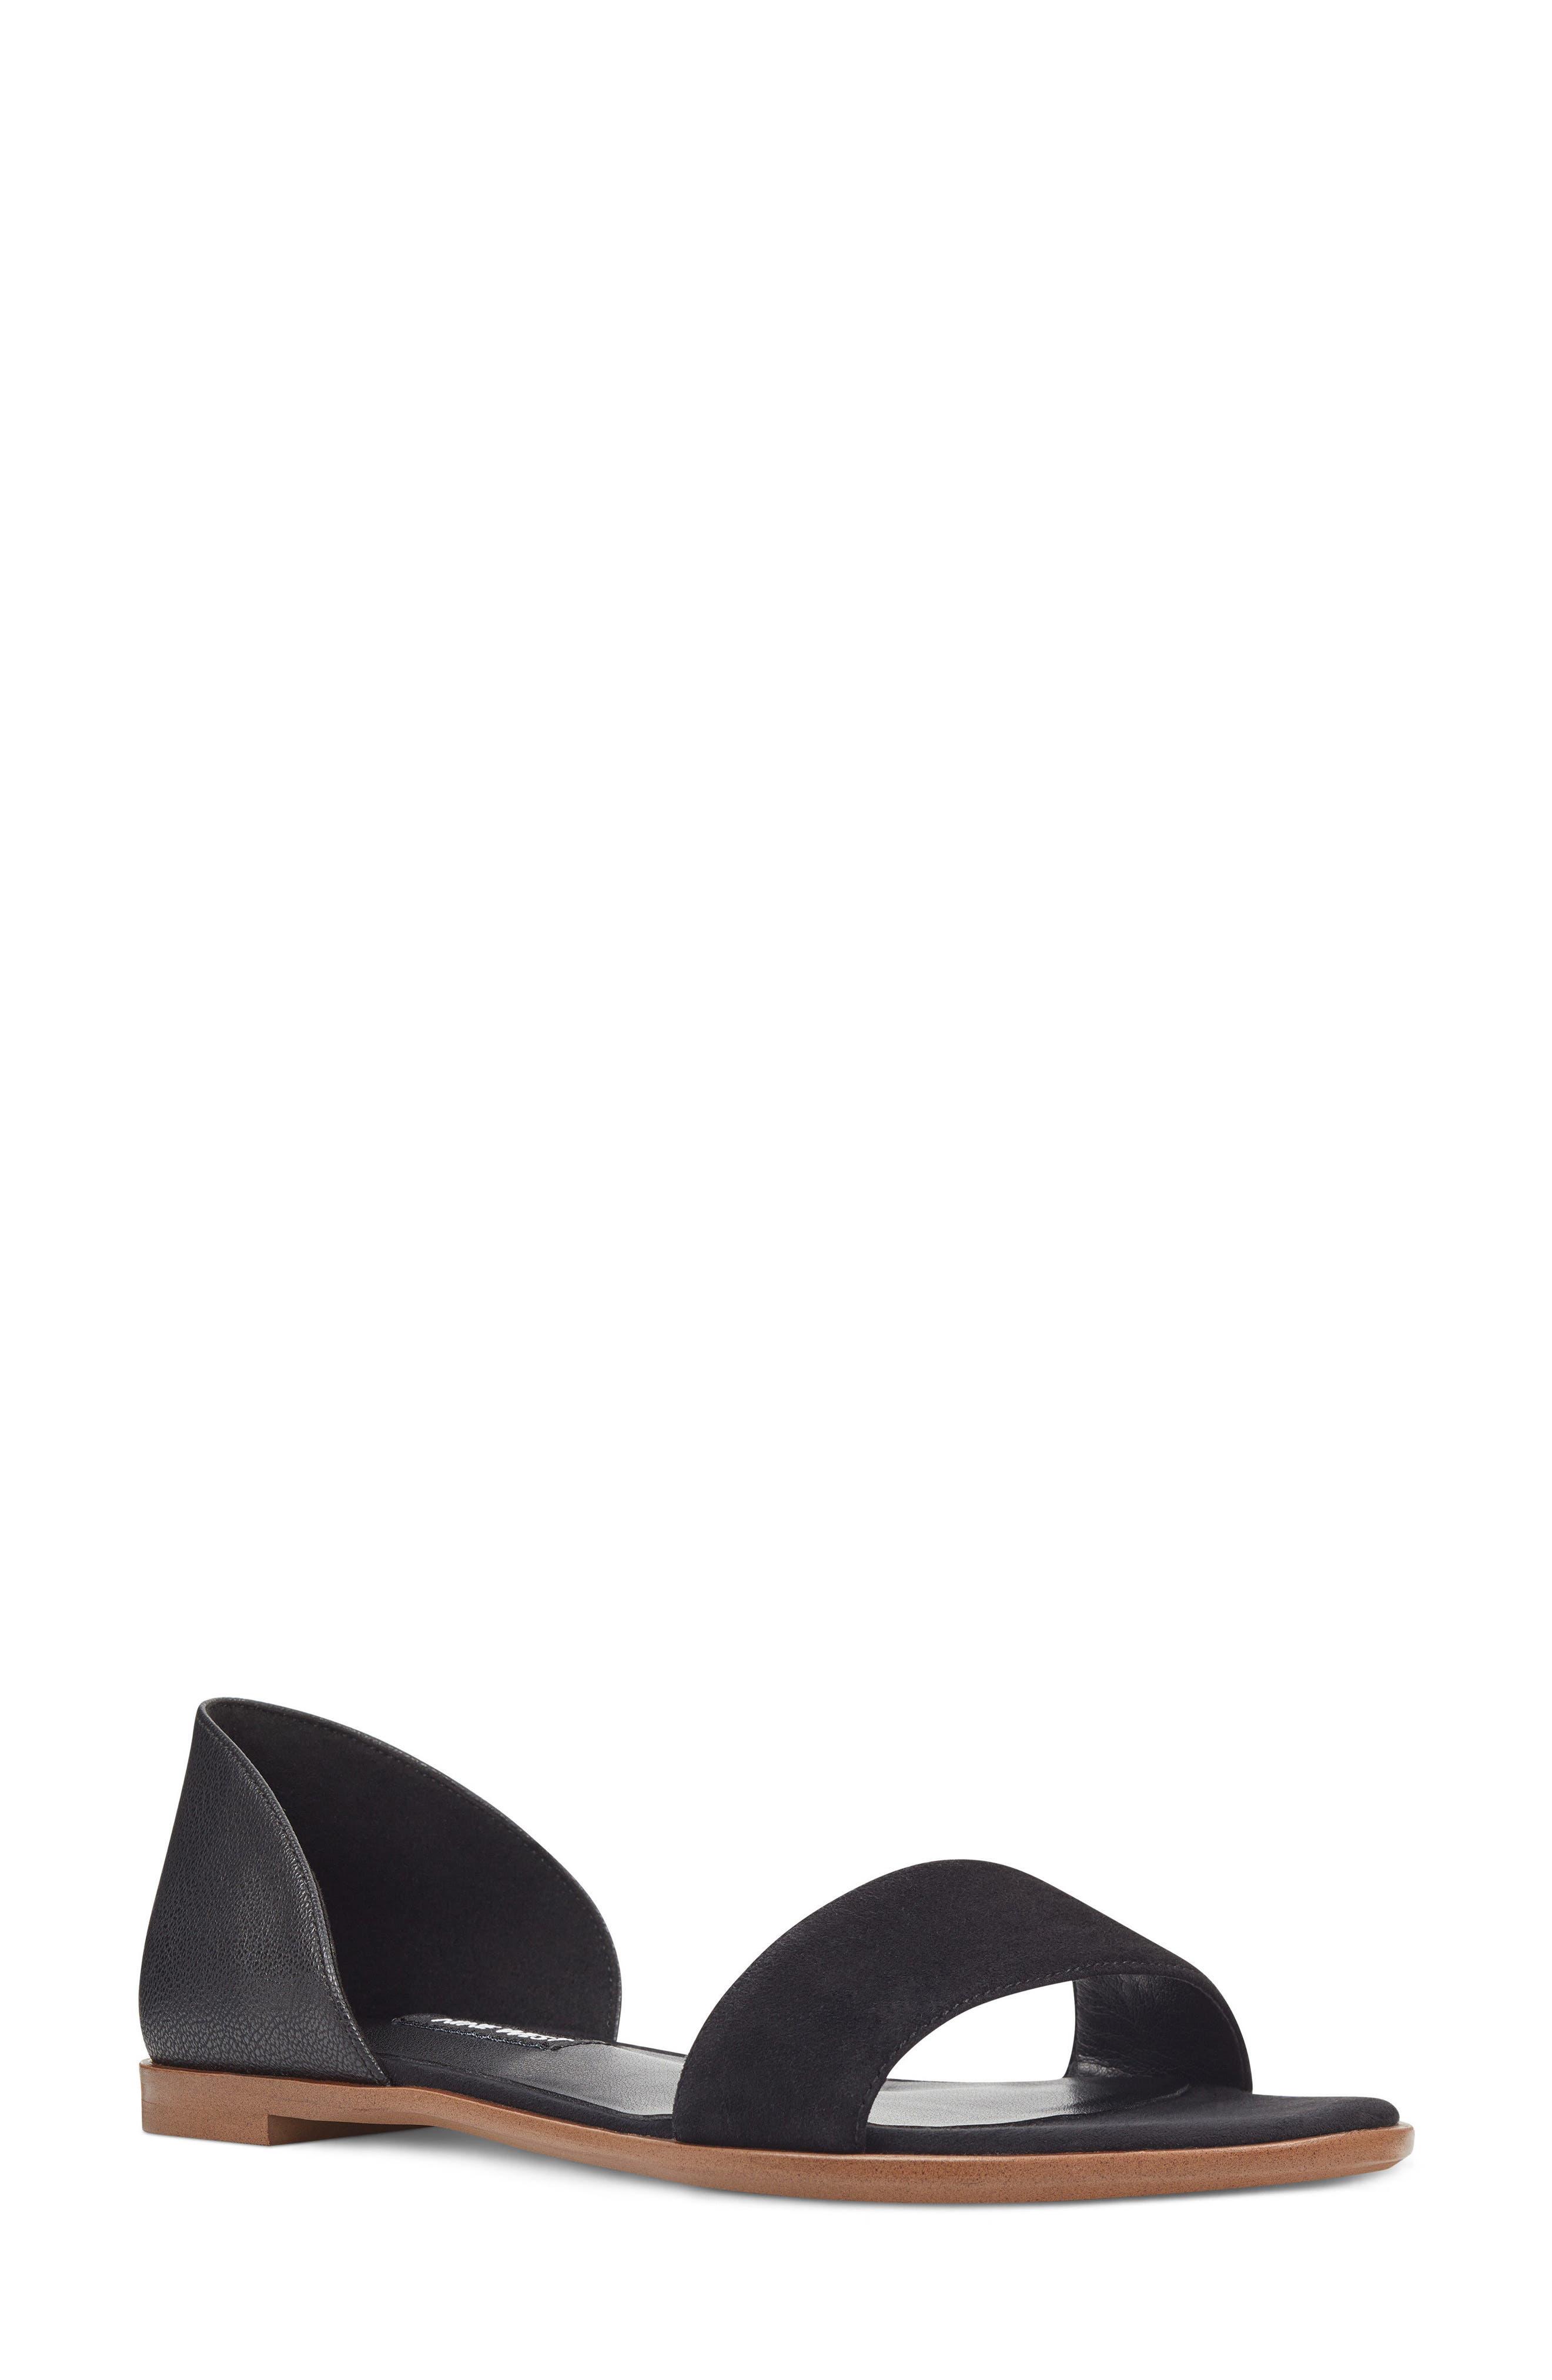 Maris Sandal,                             Main thumbnail 1, color,                             Black/ Black Leather